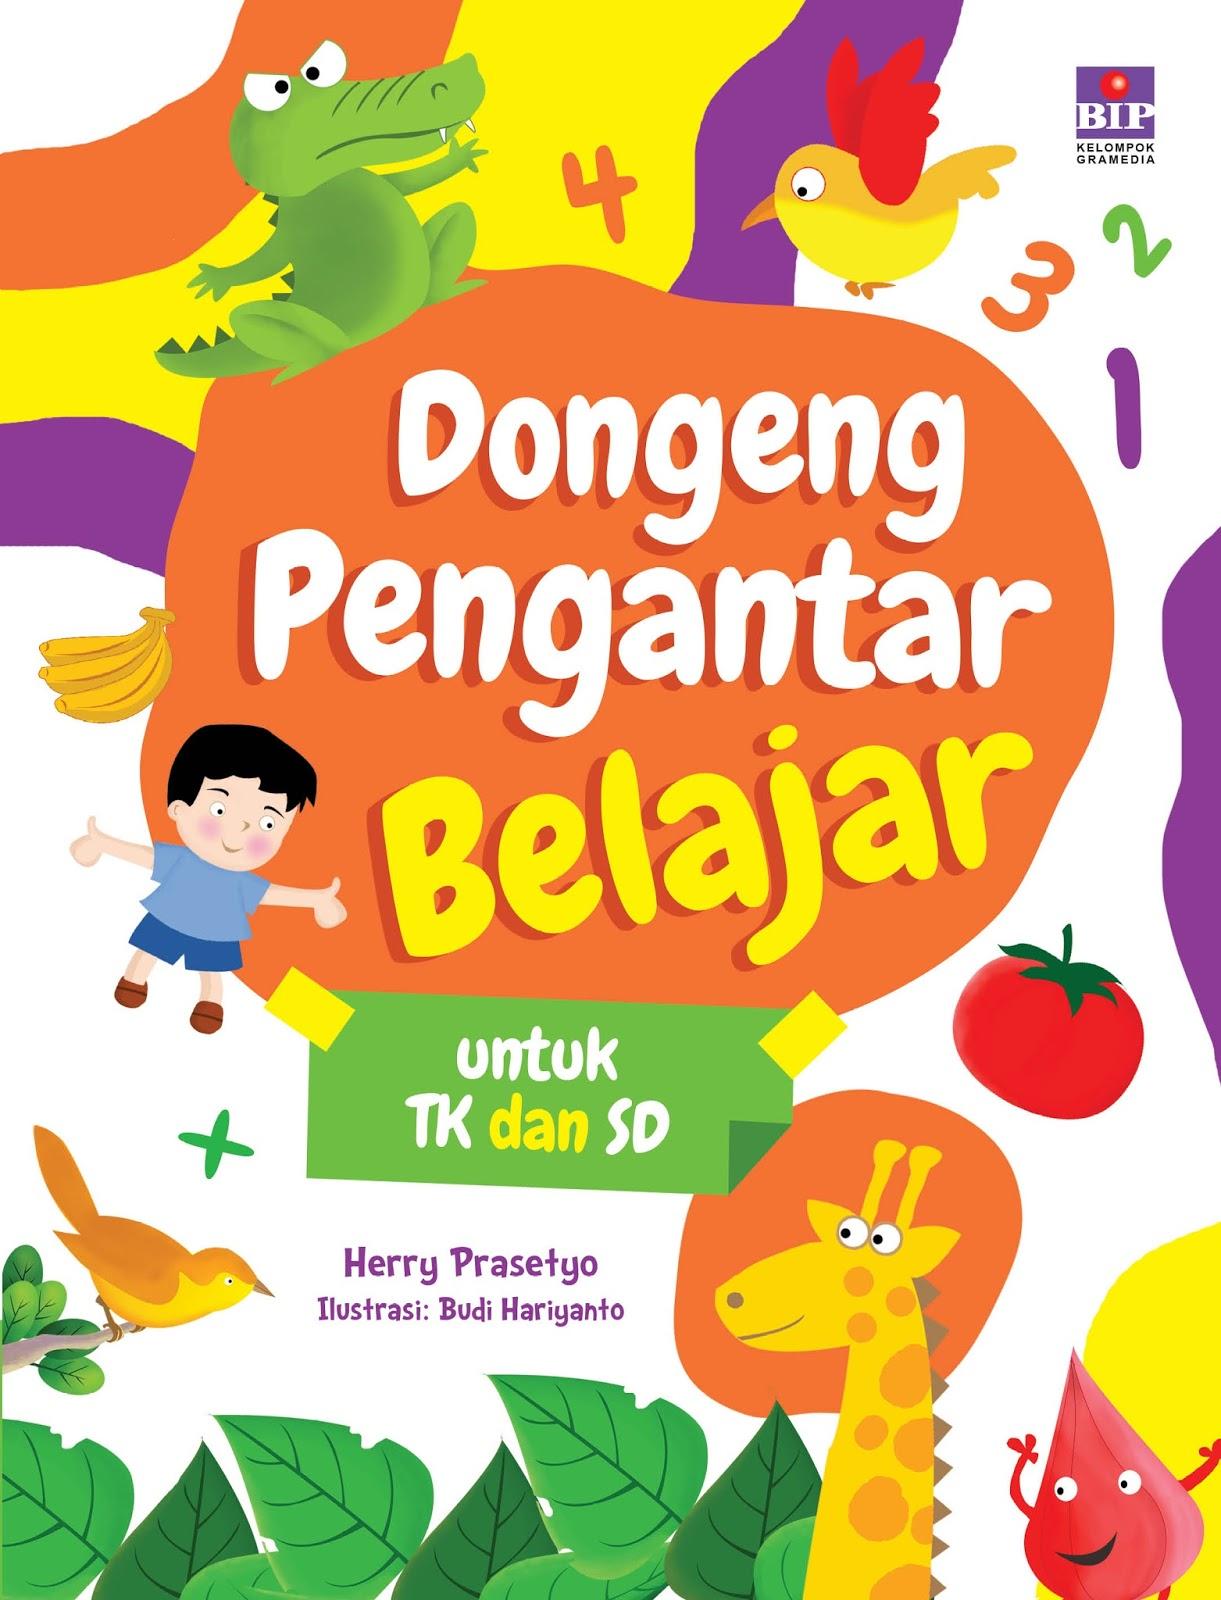 Buku ini berisi kumpulan cerita dan dongeng pendek pengantar belajar Cerita dan dongeng yang disajikan dapat menjadi inspirasi untuk belajar membaca